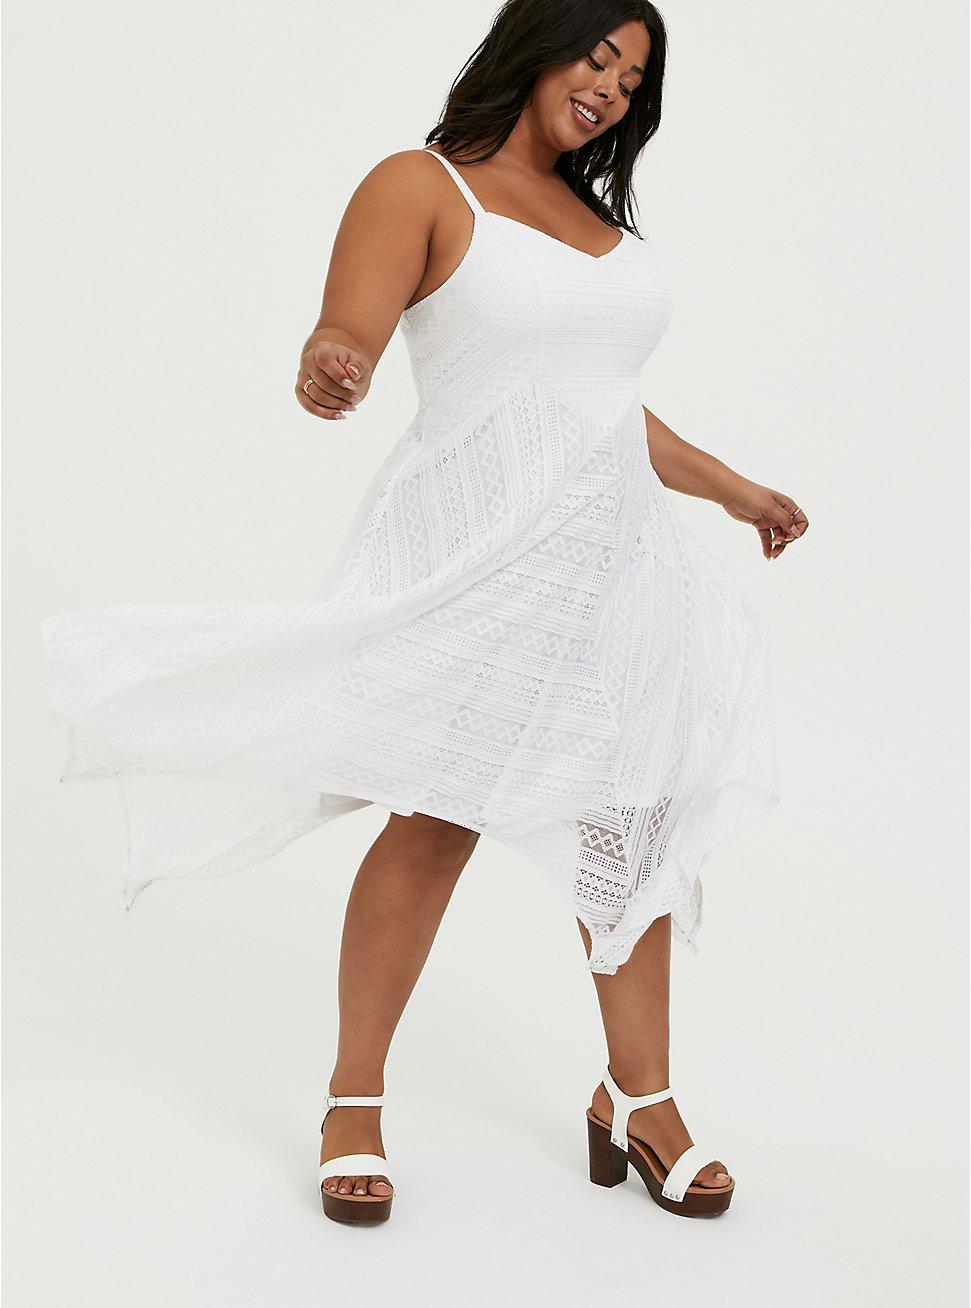 White Lace Handkerchief Skater Dress, BRIGHT WHITE, hi-res